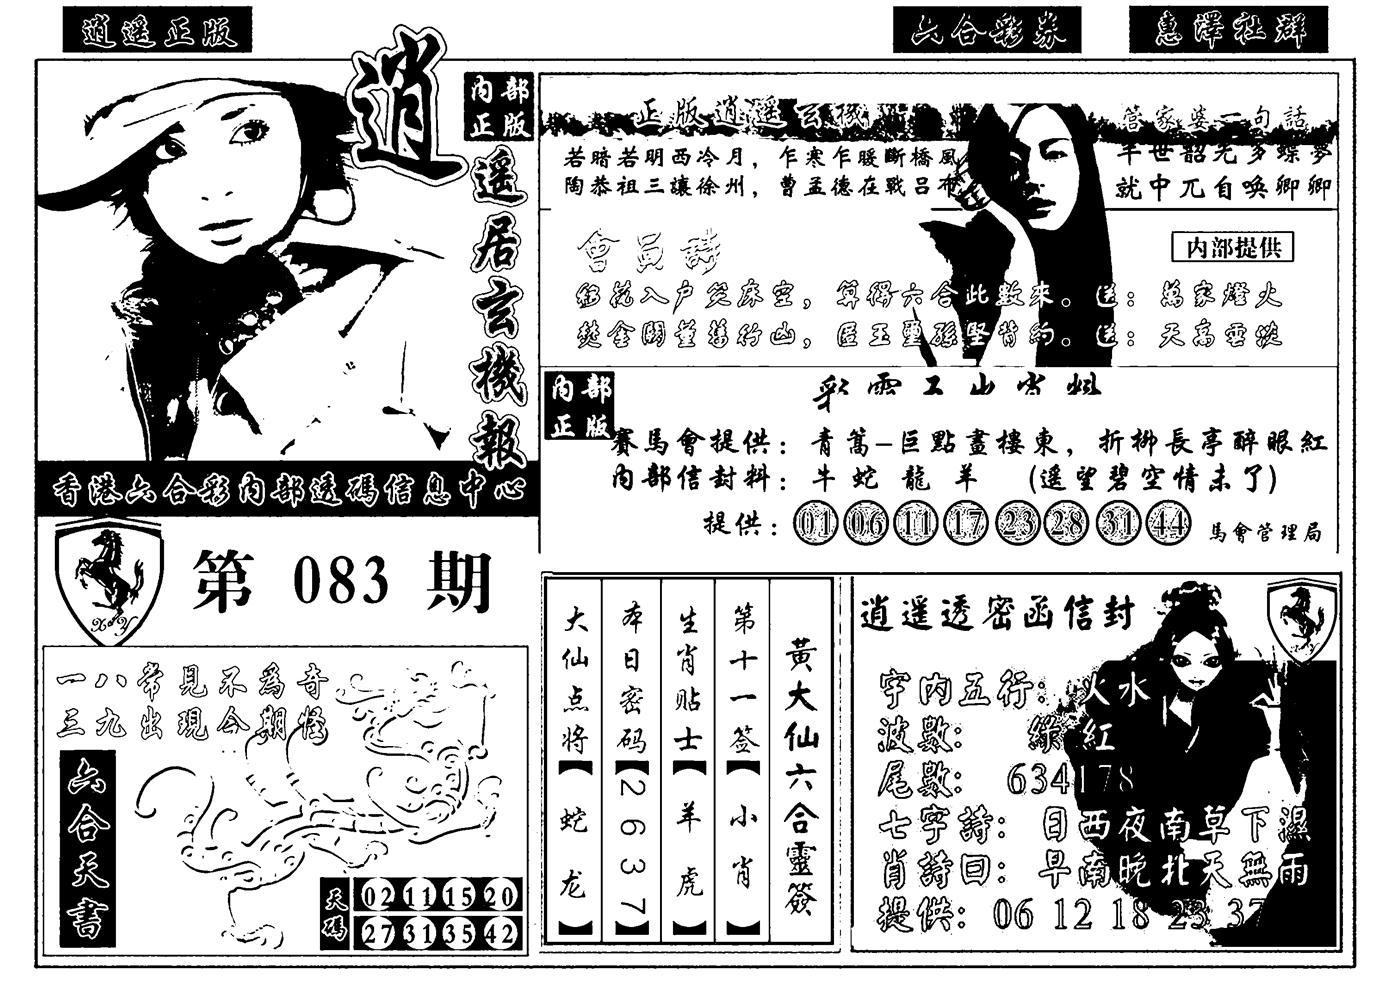 083期九龙玄机报(黑白)